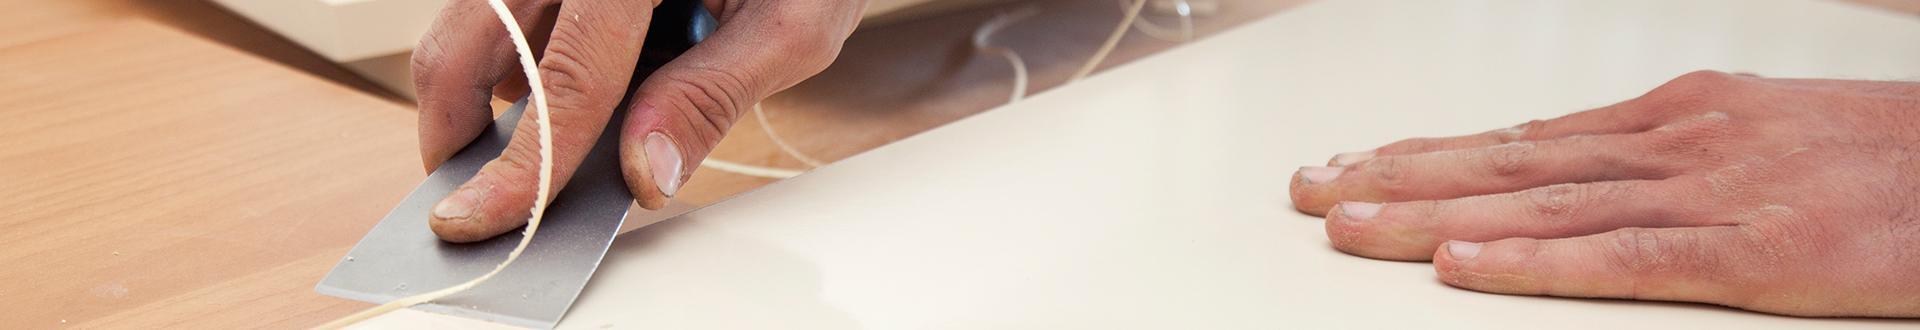 Pracownik odcinający nadmiar okleiny